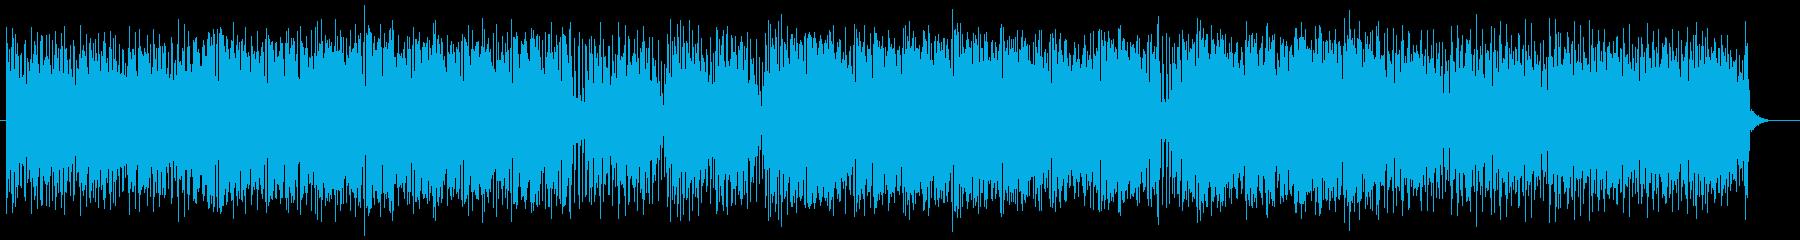 軽快でリズミカルなサンバ風アコギサウンドの再生済みの波形